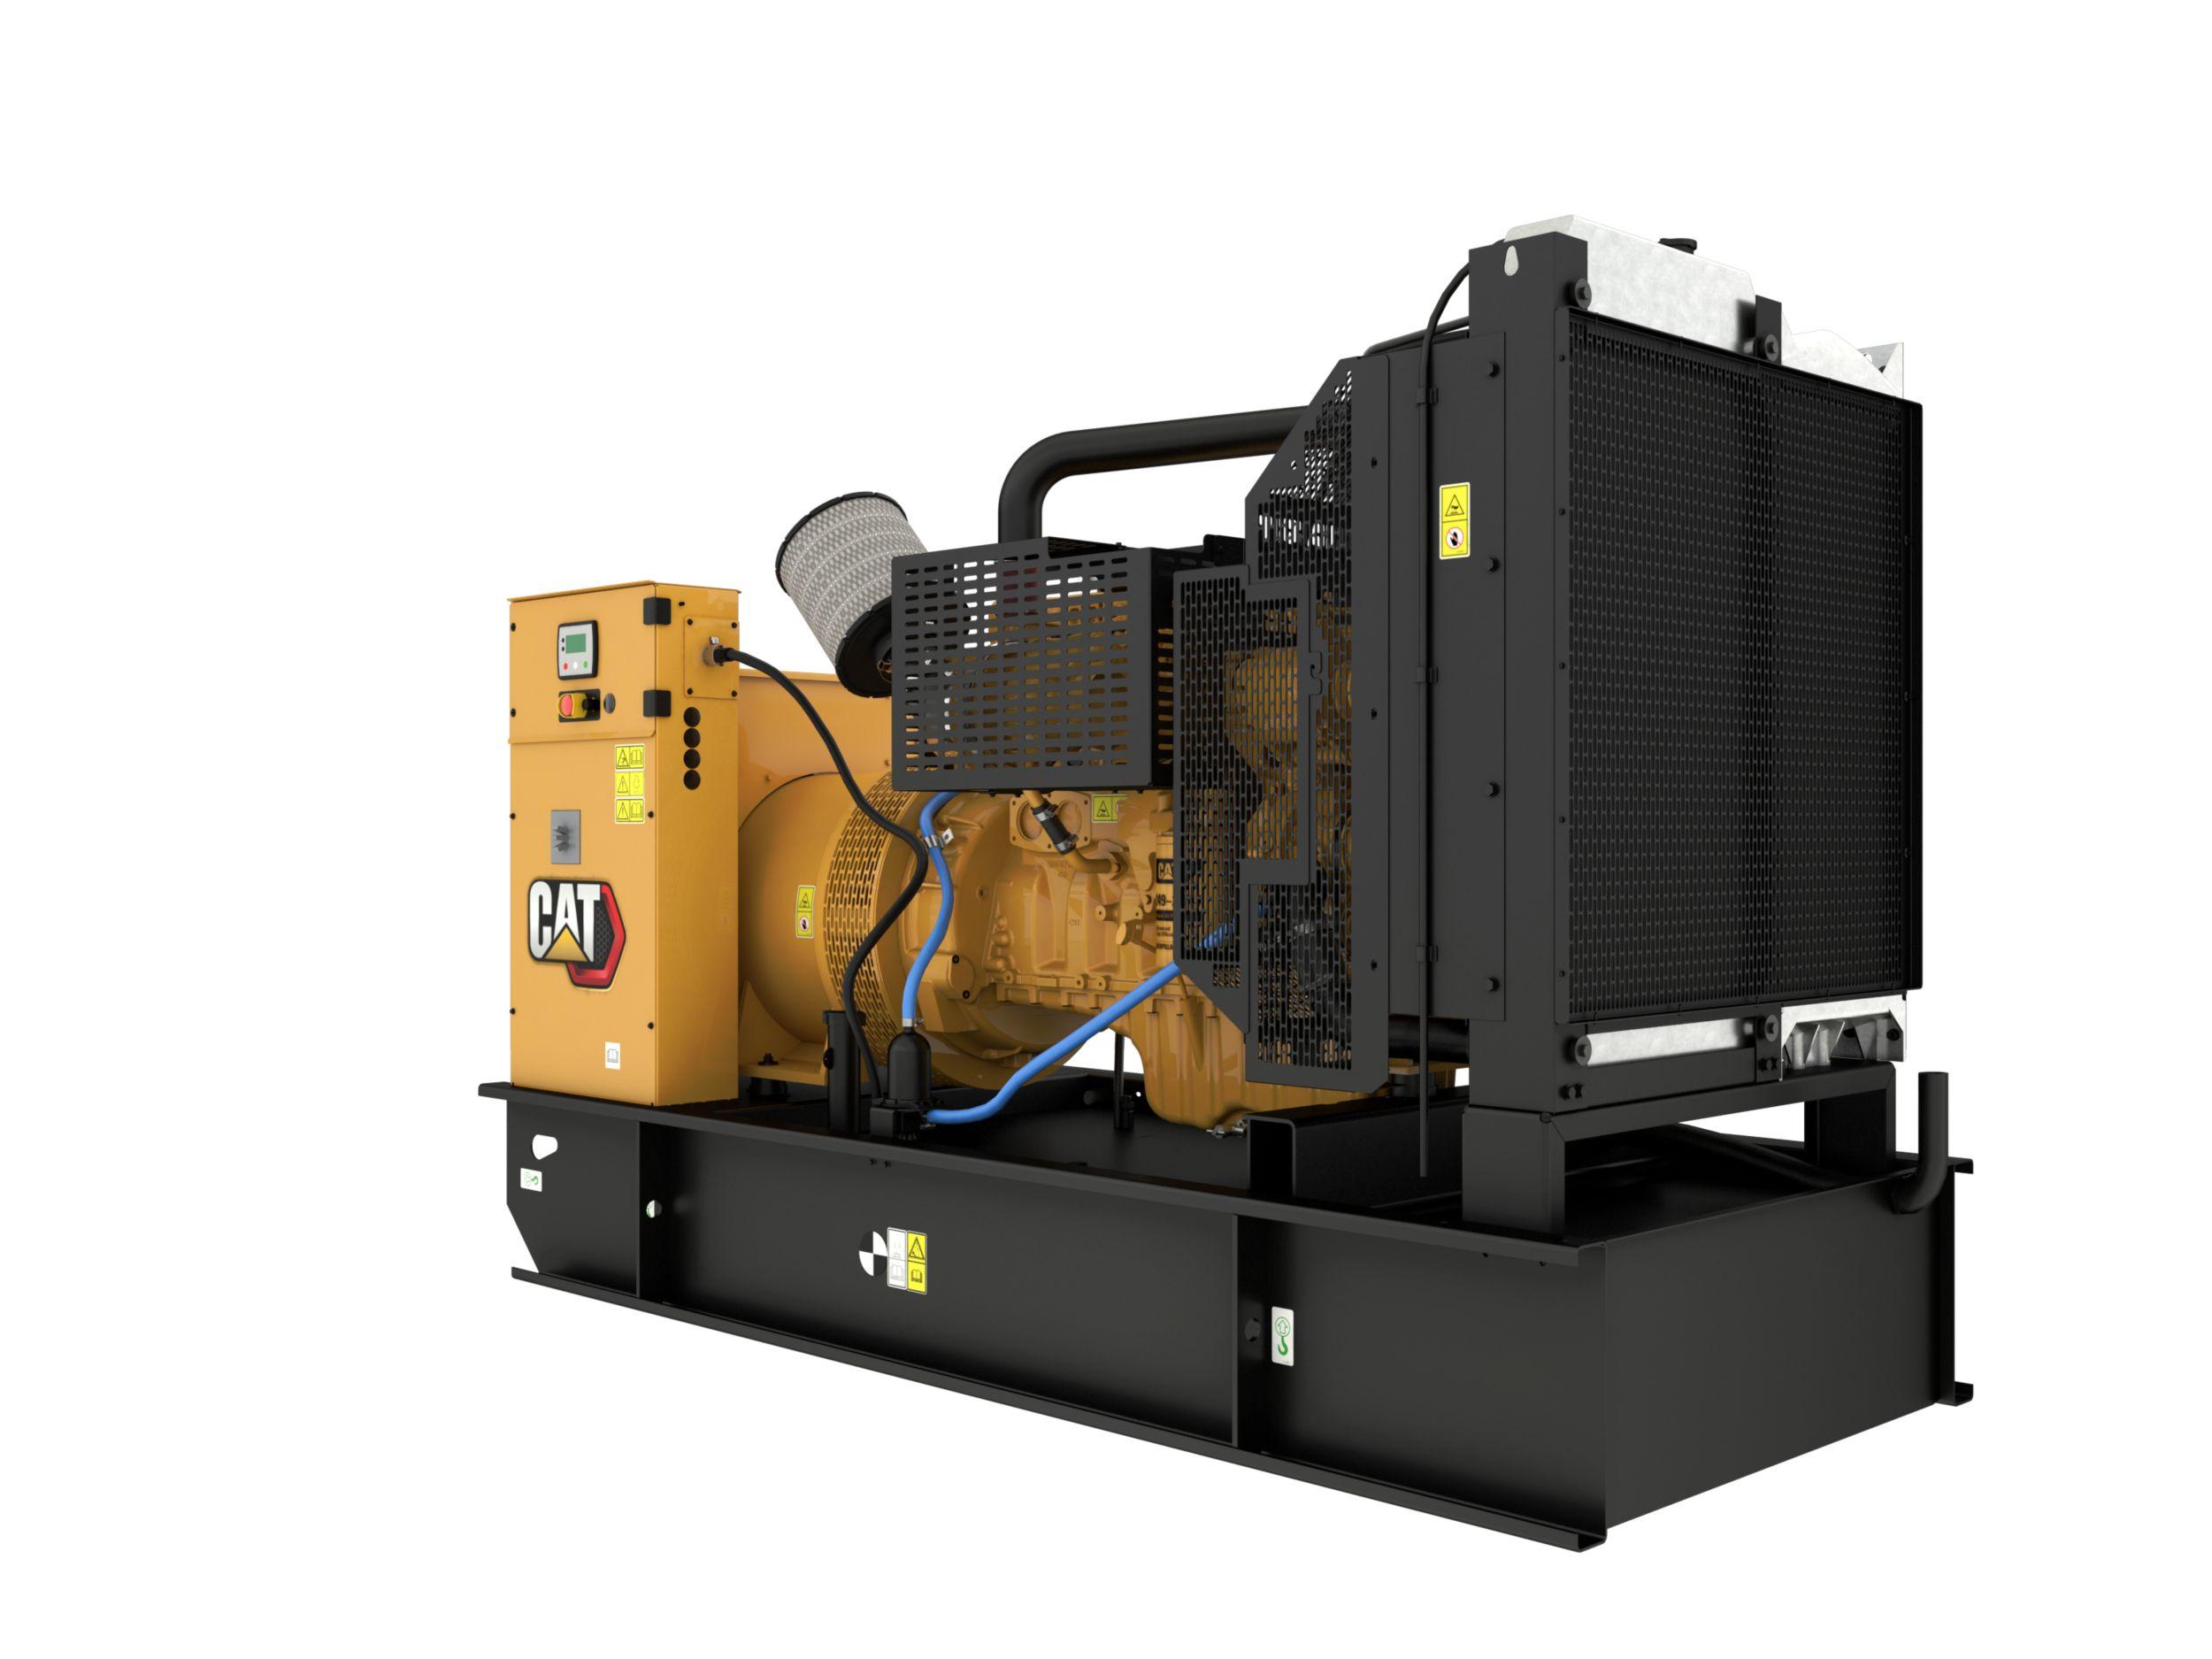 DE400 GC Diesel Generatorr Front Right>